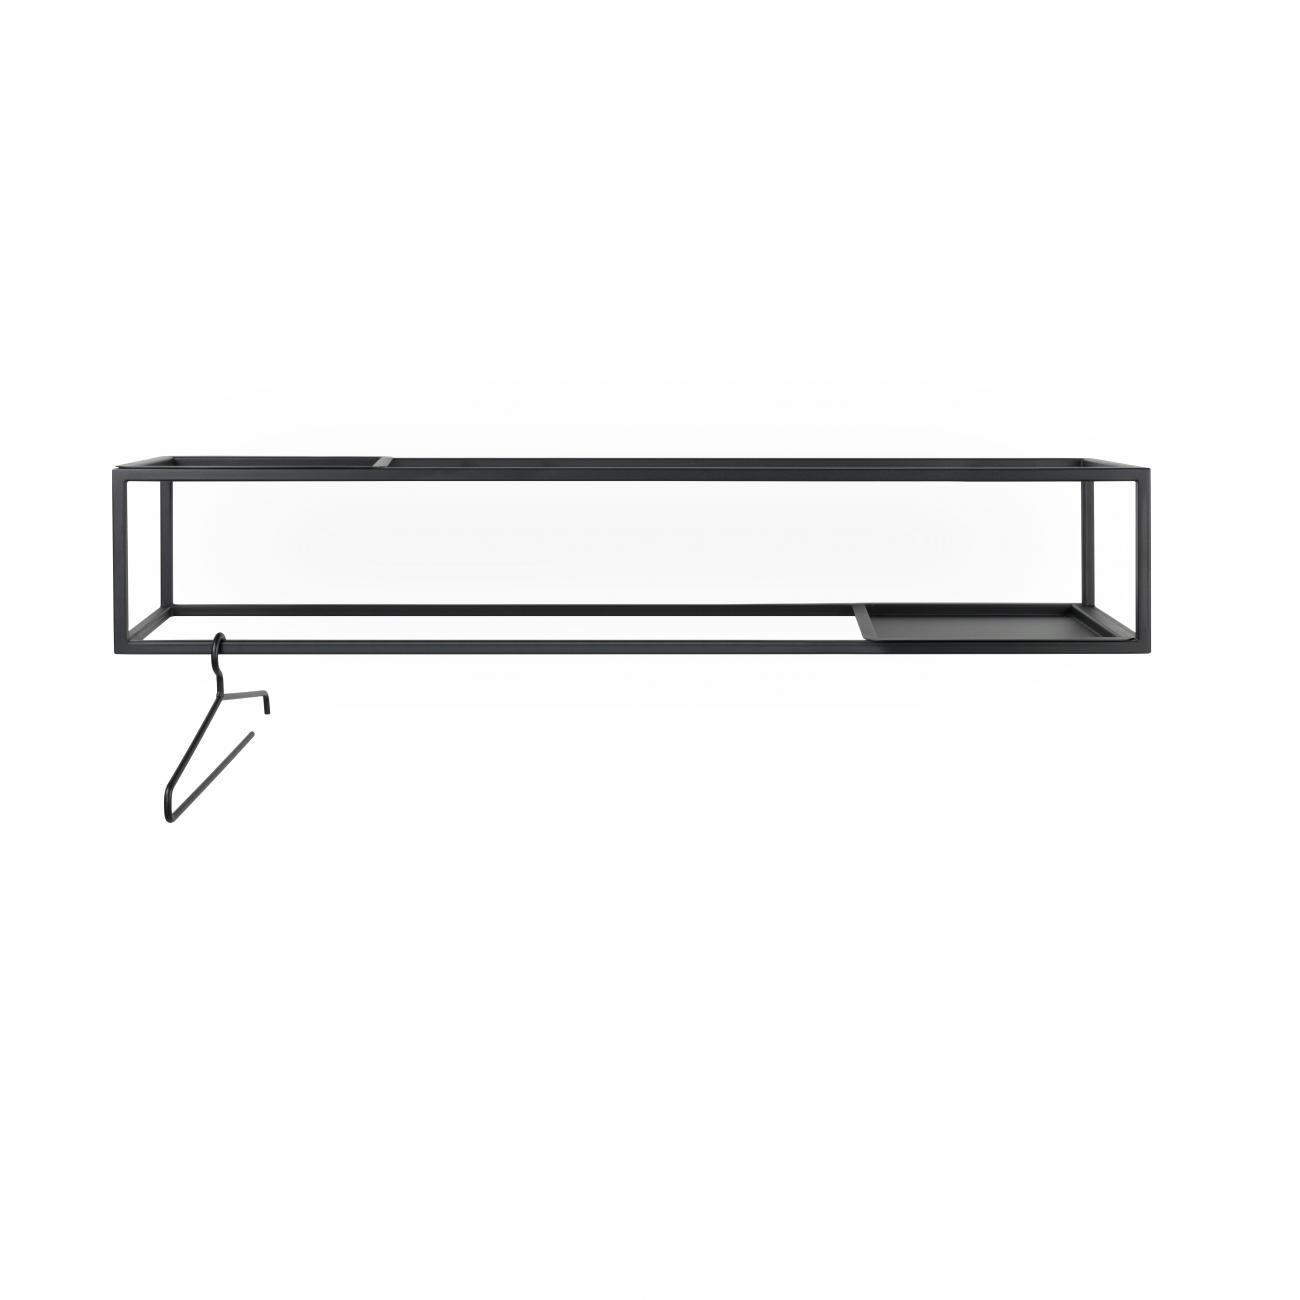 Torna Design Rack wandkapstok 118x21 cm